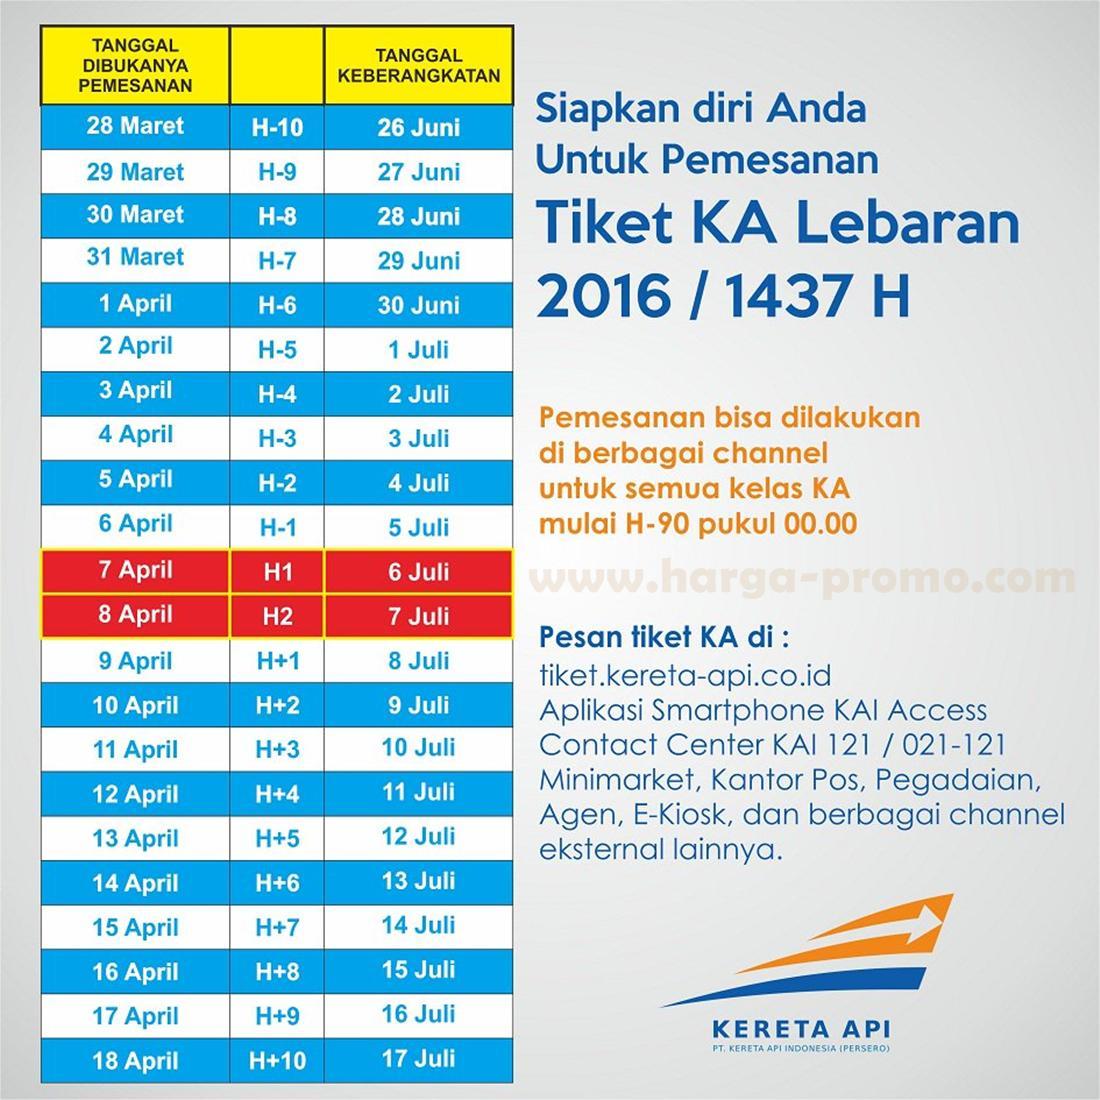 Tiket kereta api lebaran 2016 sulit dipesan